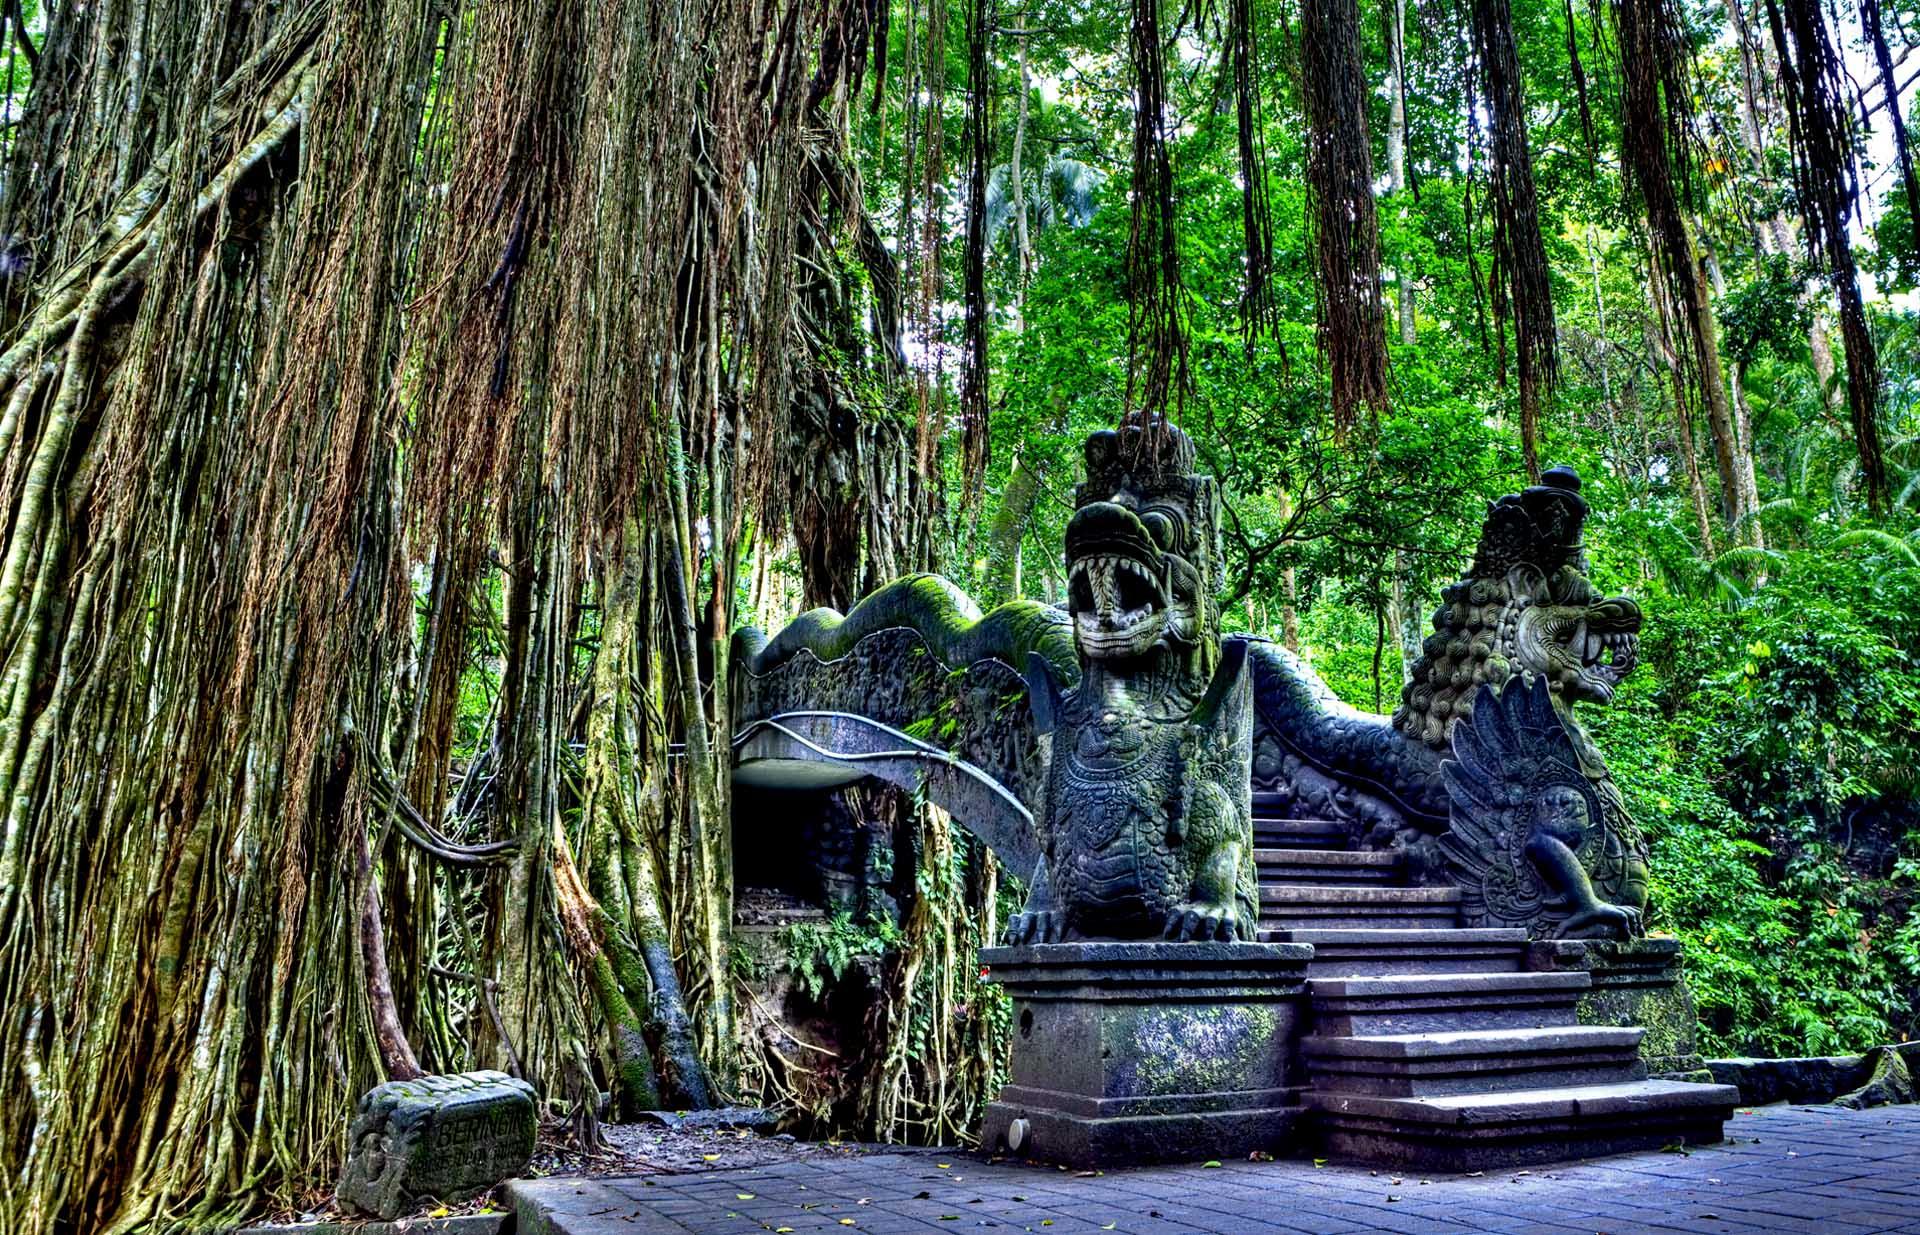 Ubud-Monkey-Forest-Bali